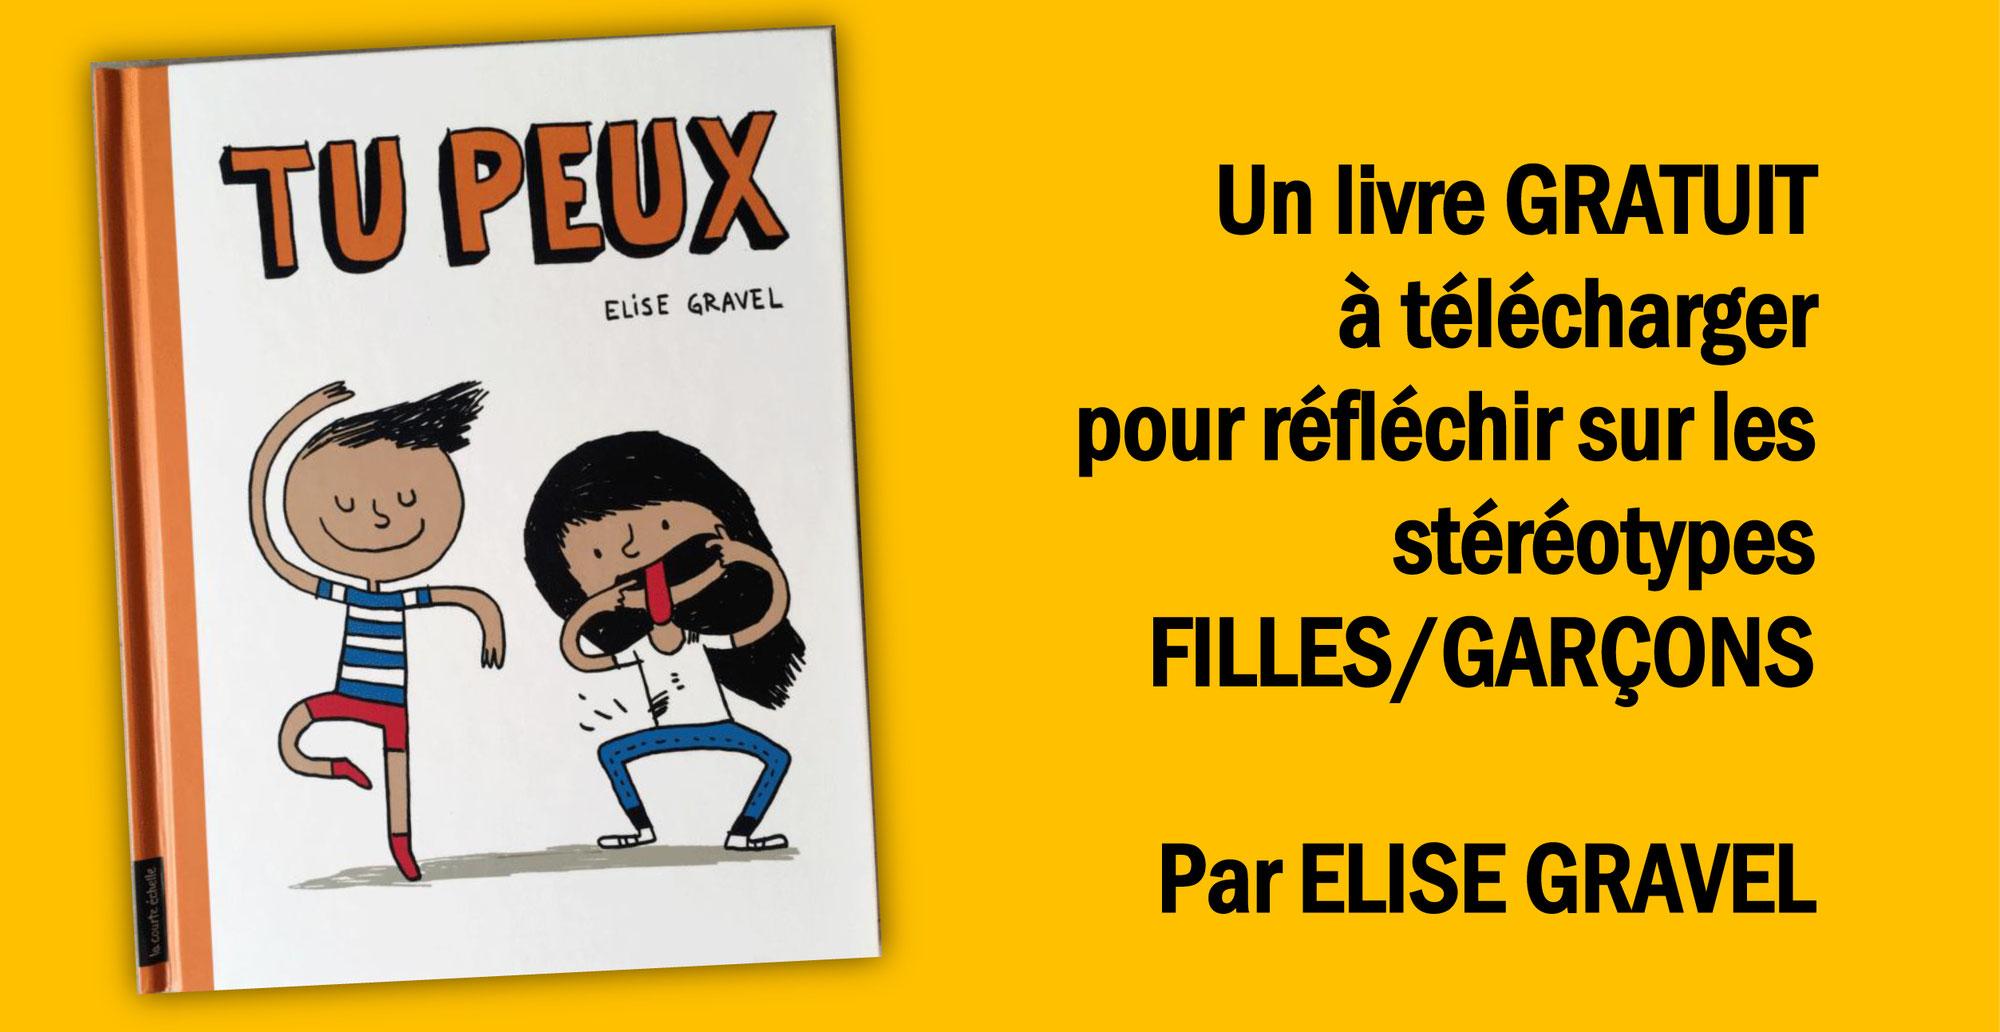 ÉGALITÉ FILLES/GARÇONS: un livre offert d'ELISE GRAVEL à télécharger pour réfléchir avec les enfants